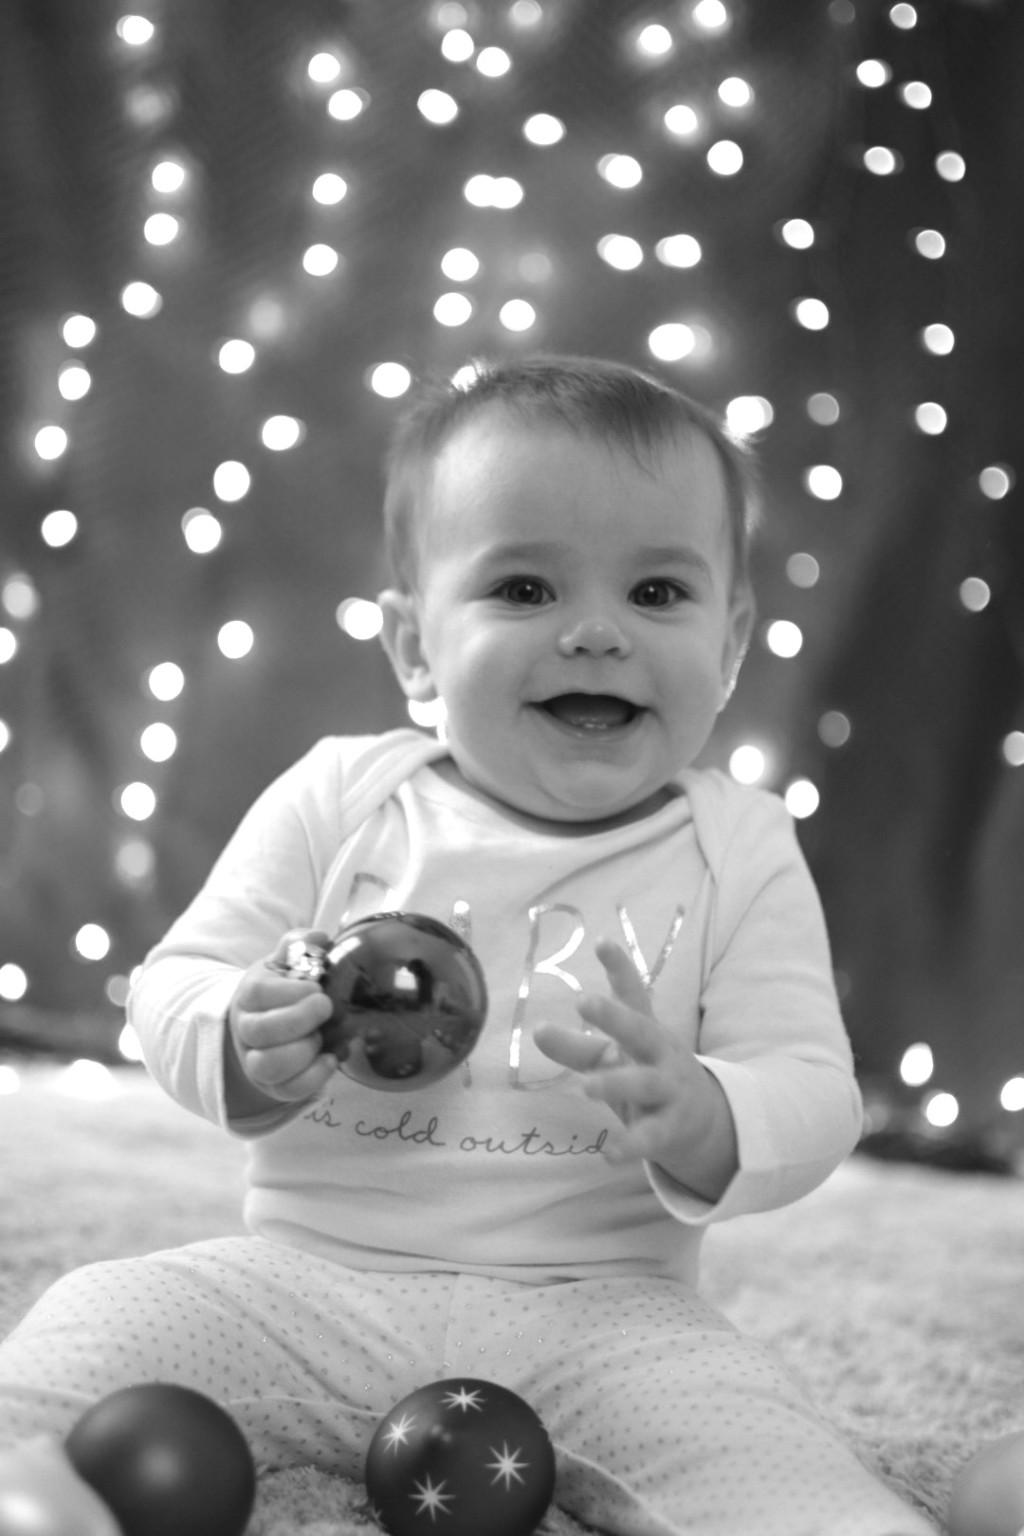 gift giving - Boston Moms Blog